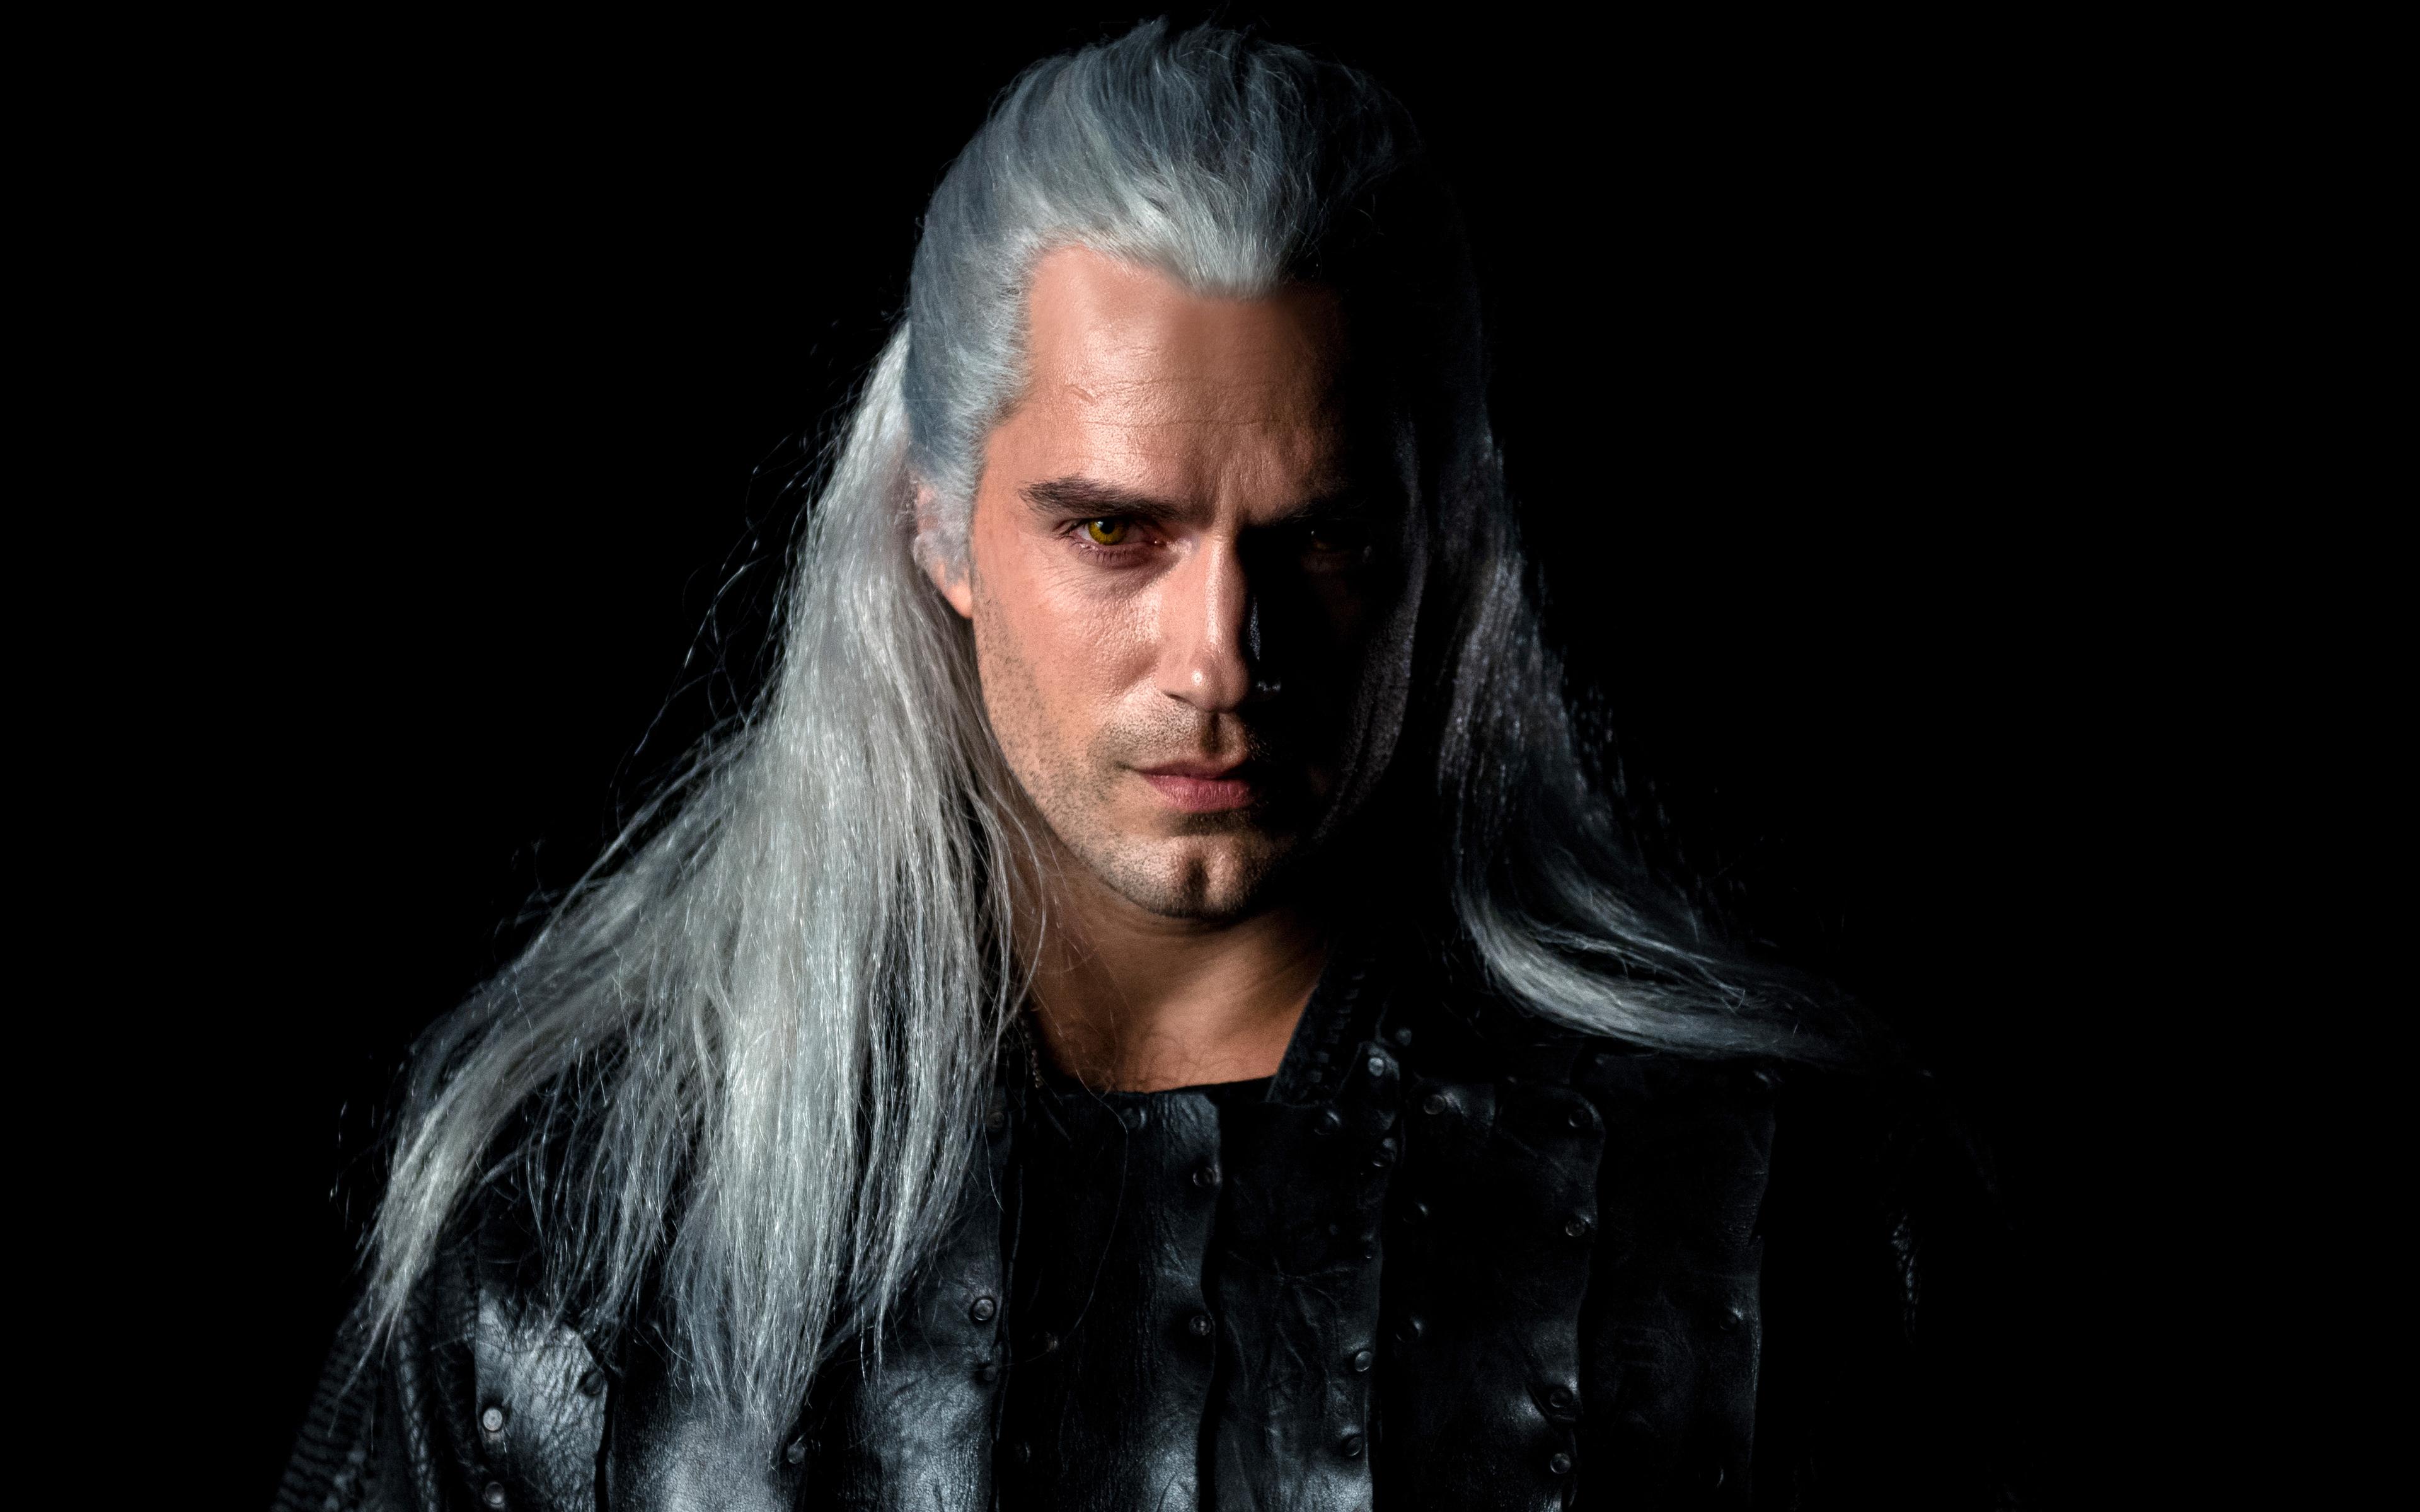 Новые сериалы 2019 года: «Ведьмак», «Хранители» и другие 7